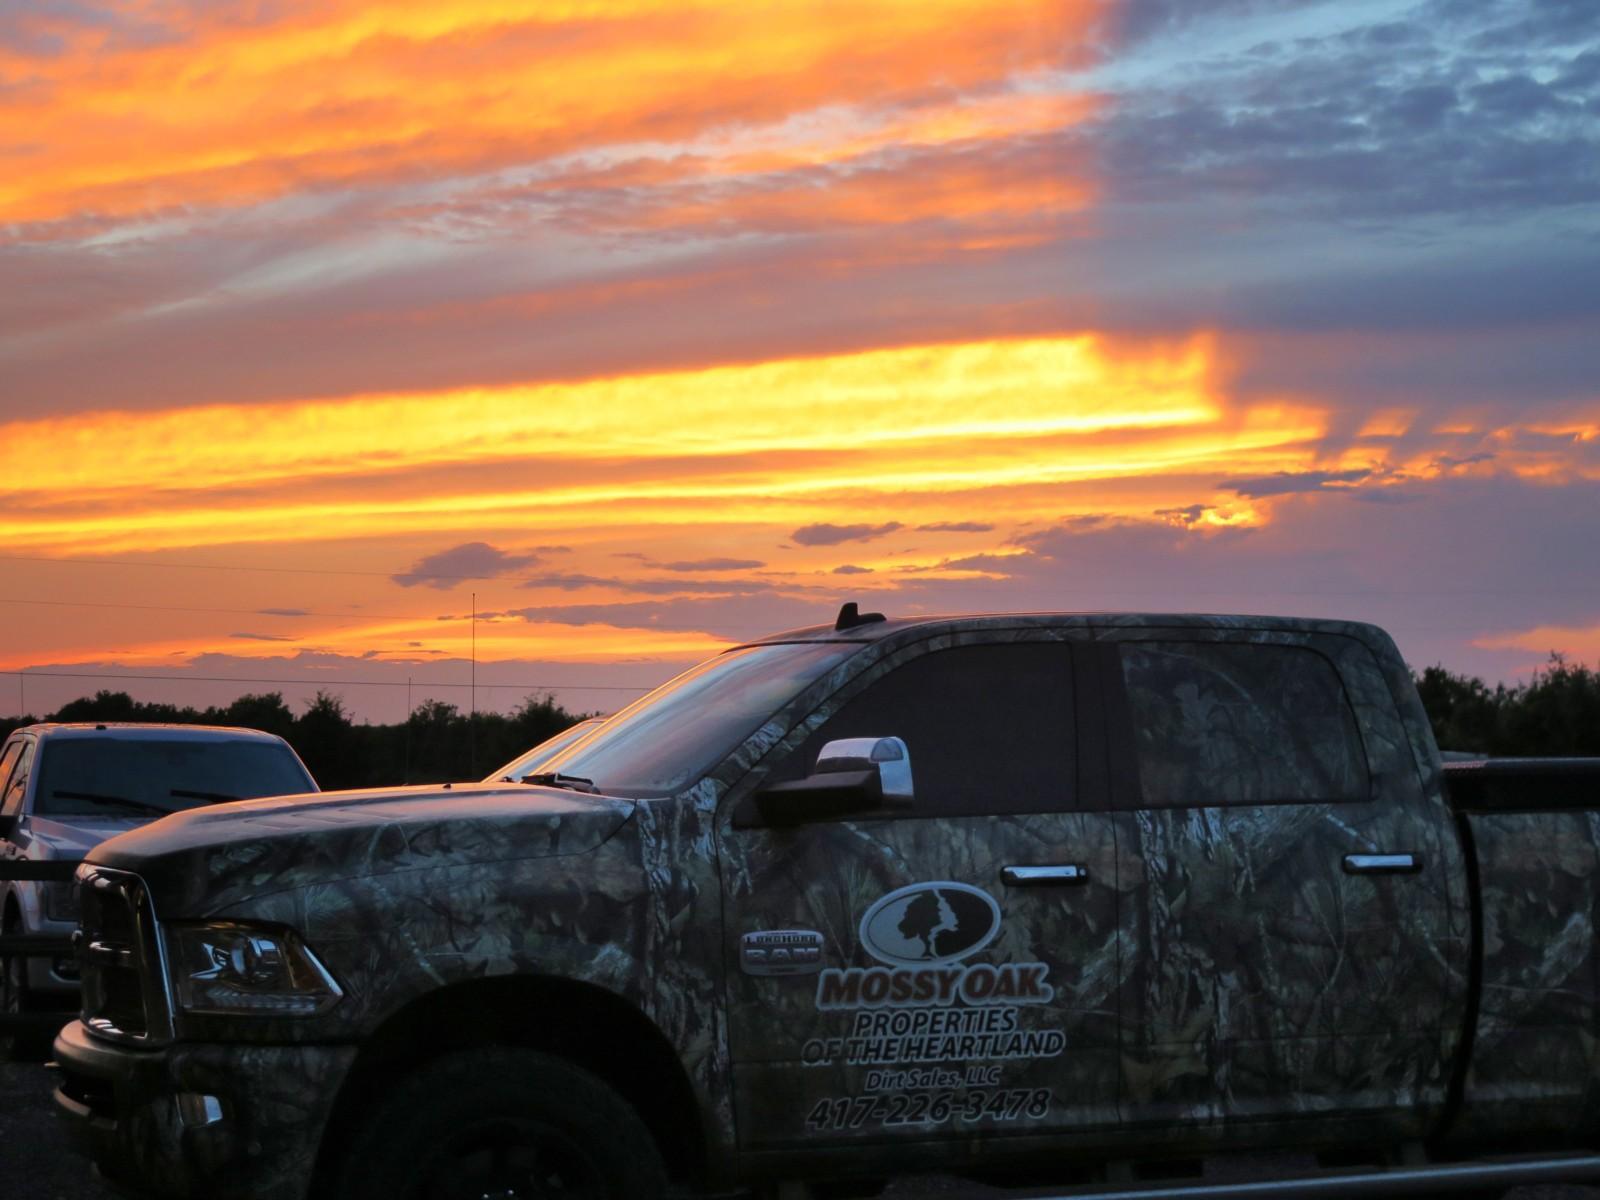 mossy oak properties pick up truck